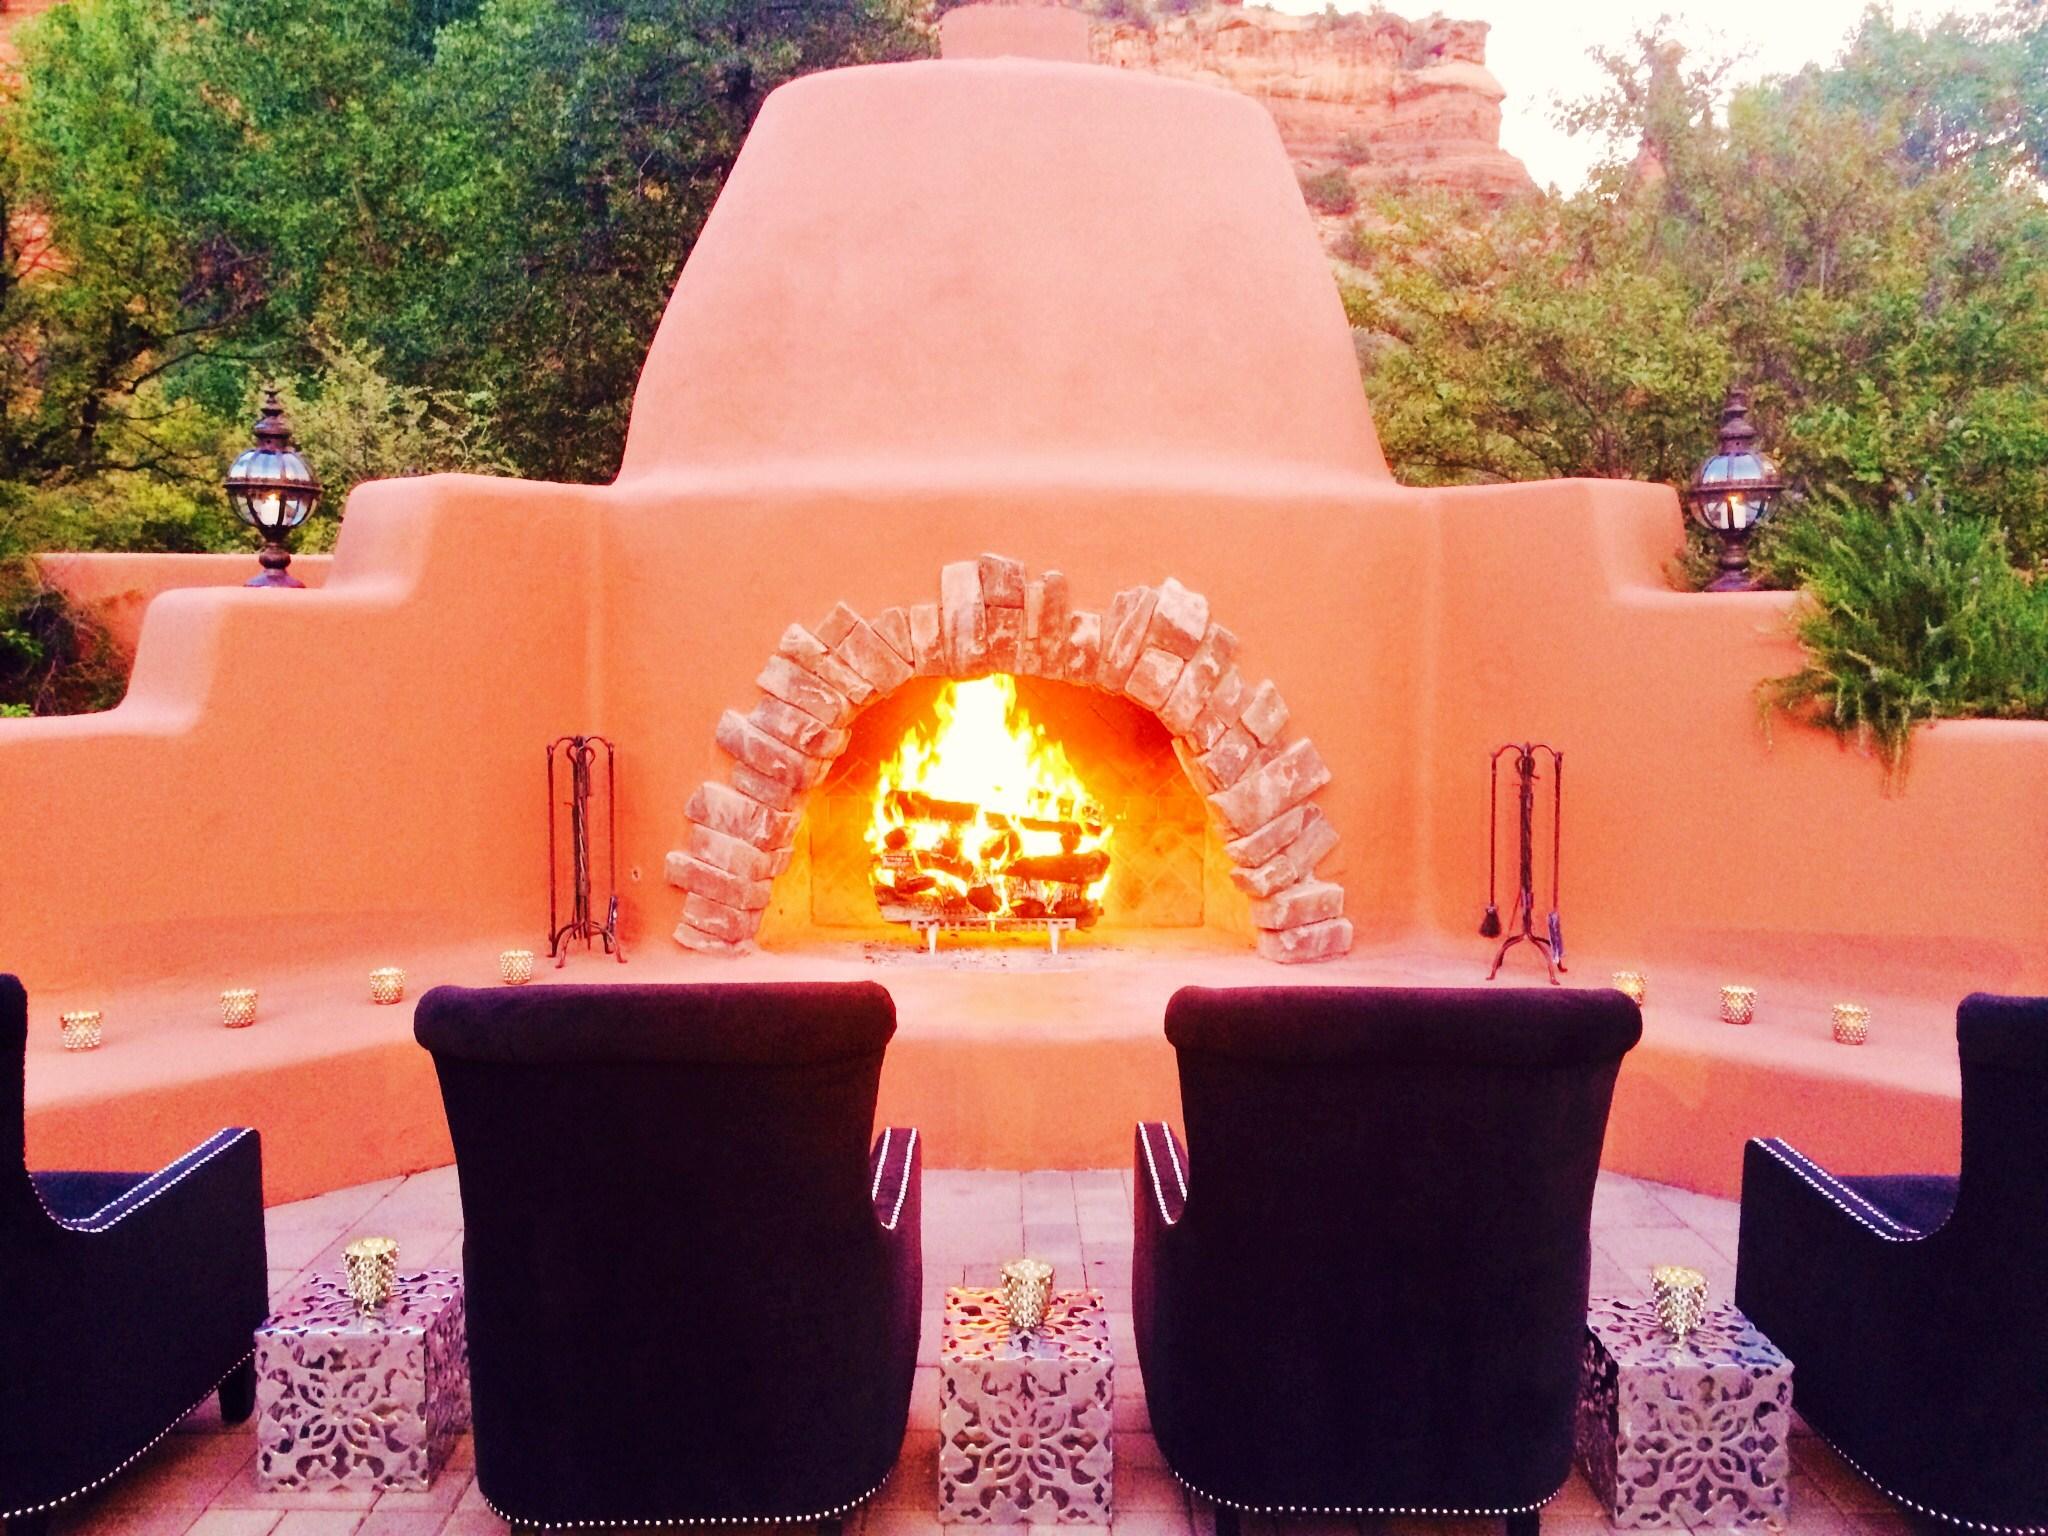 Enchantment Resort, Sedona, AZ